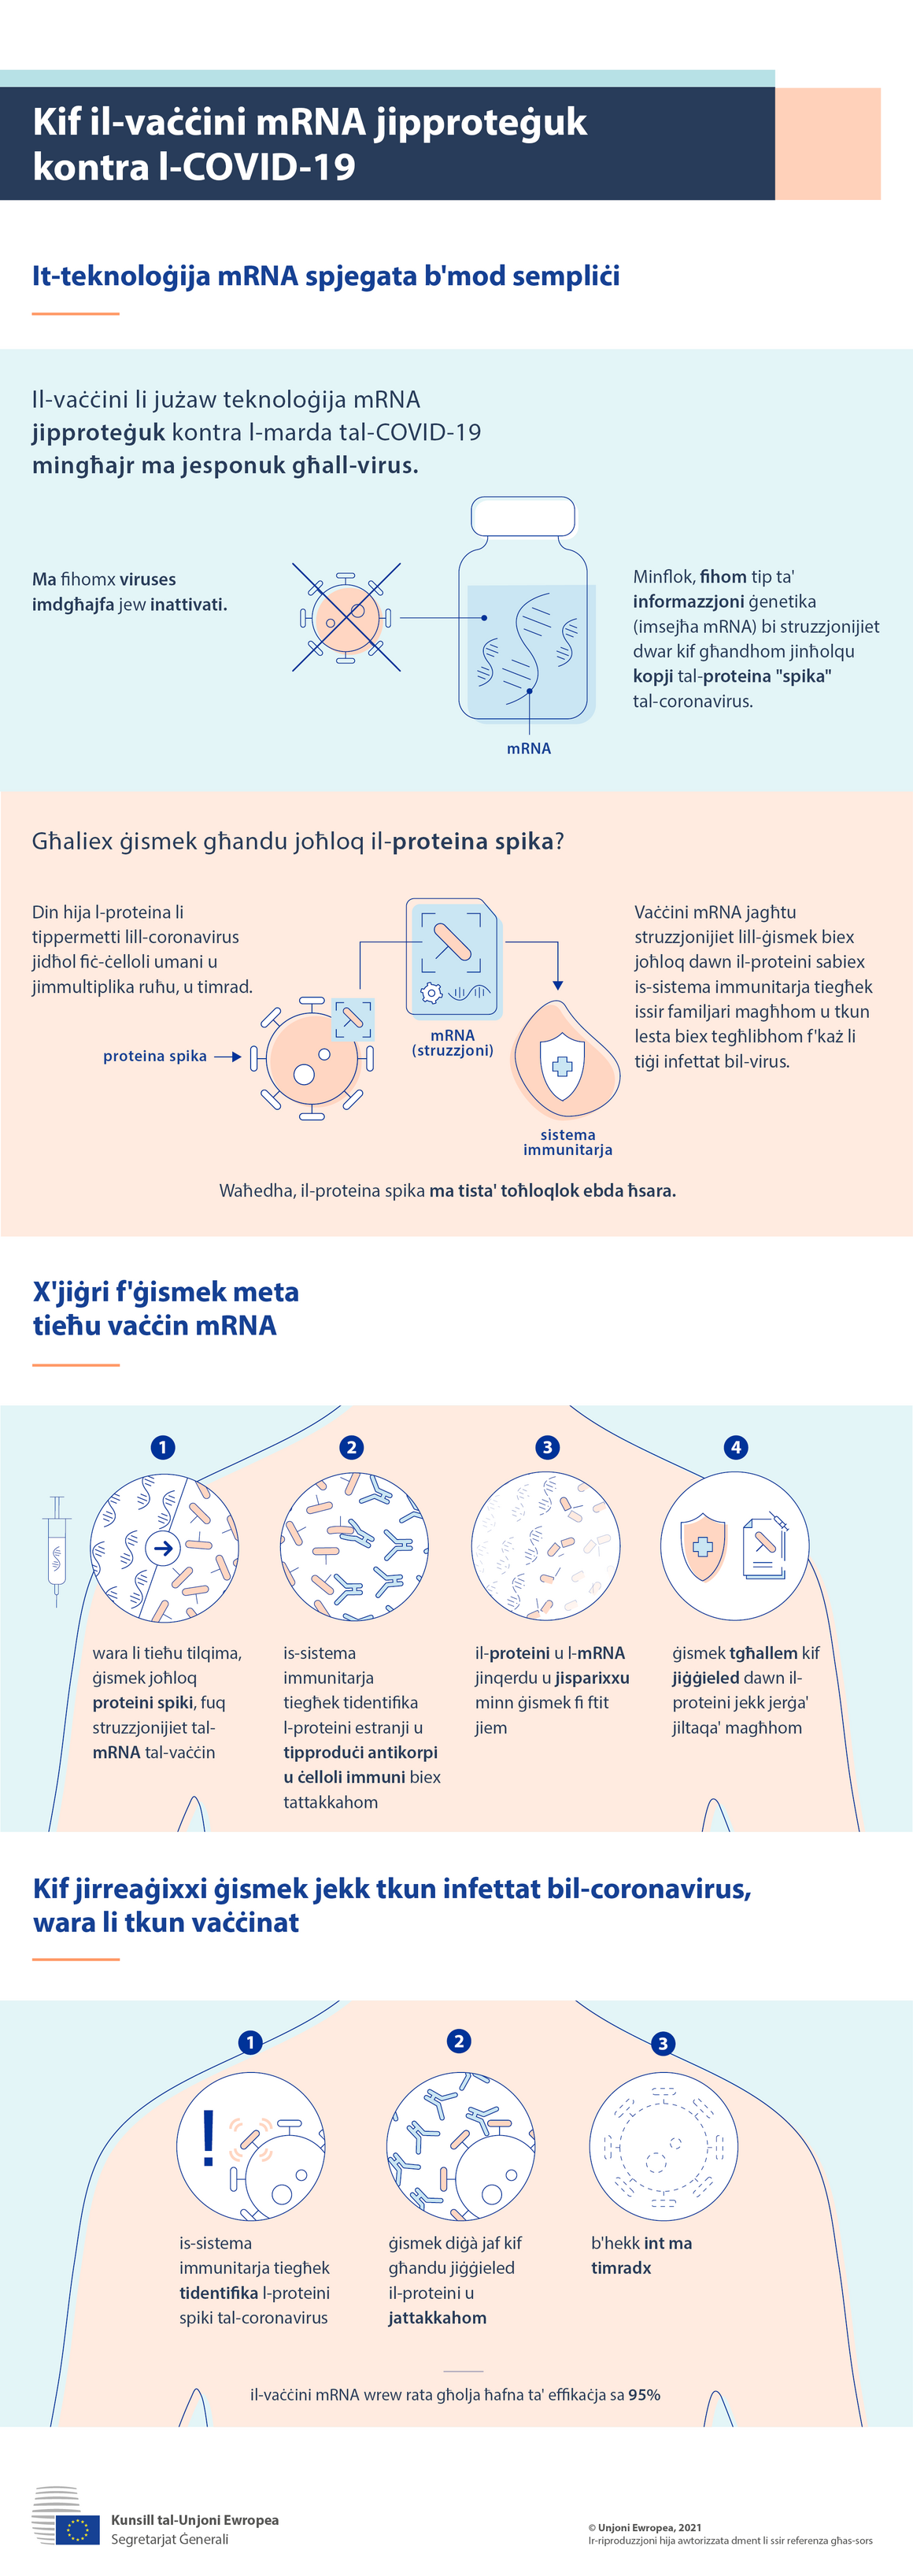 Infografika: Kif il-vaċċini mRNA jipproteġuk kontra l-COVID-19